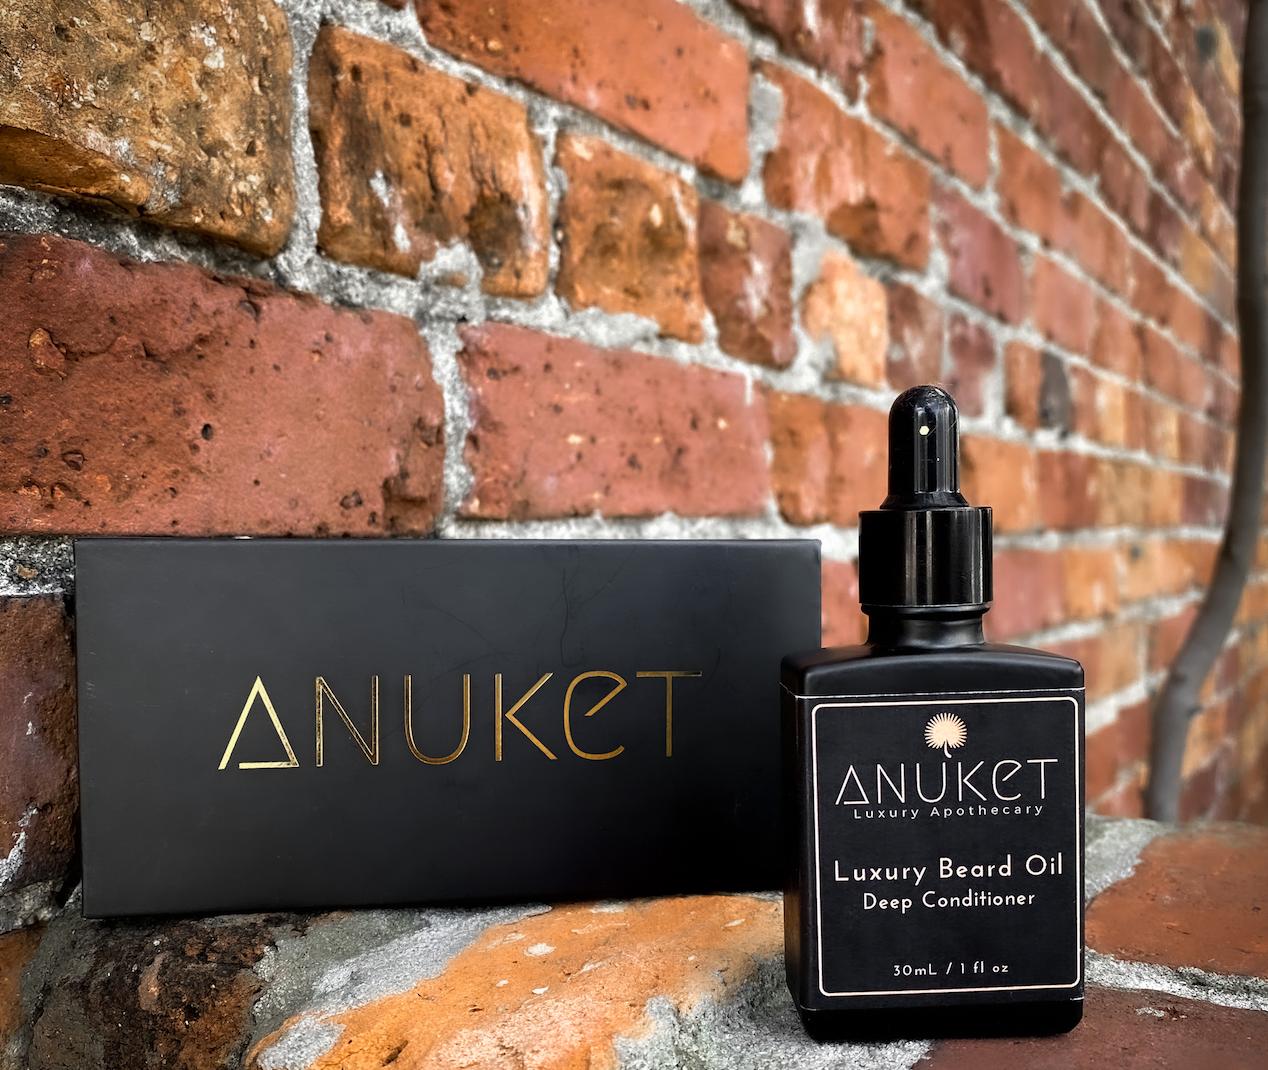 Link to Anuket Luxury Apothecary